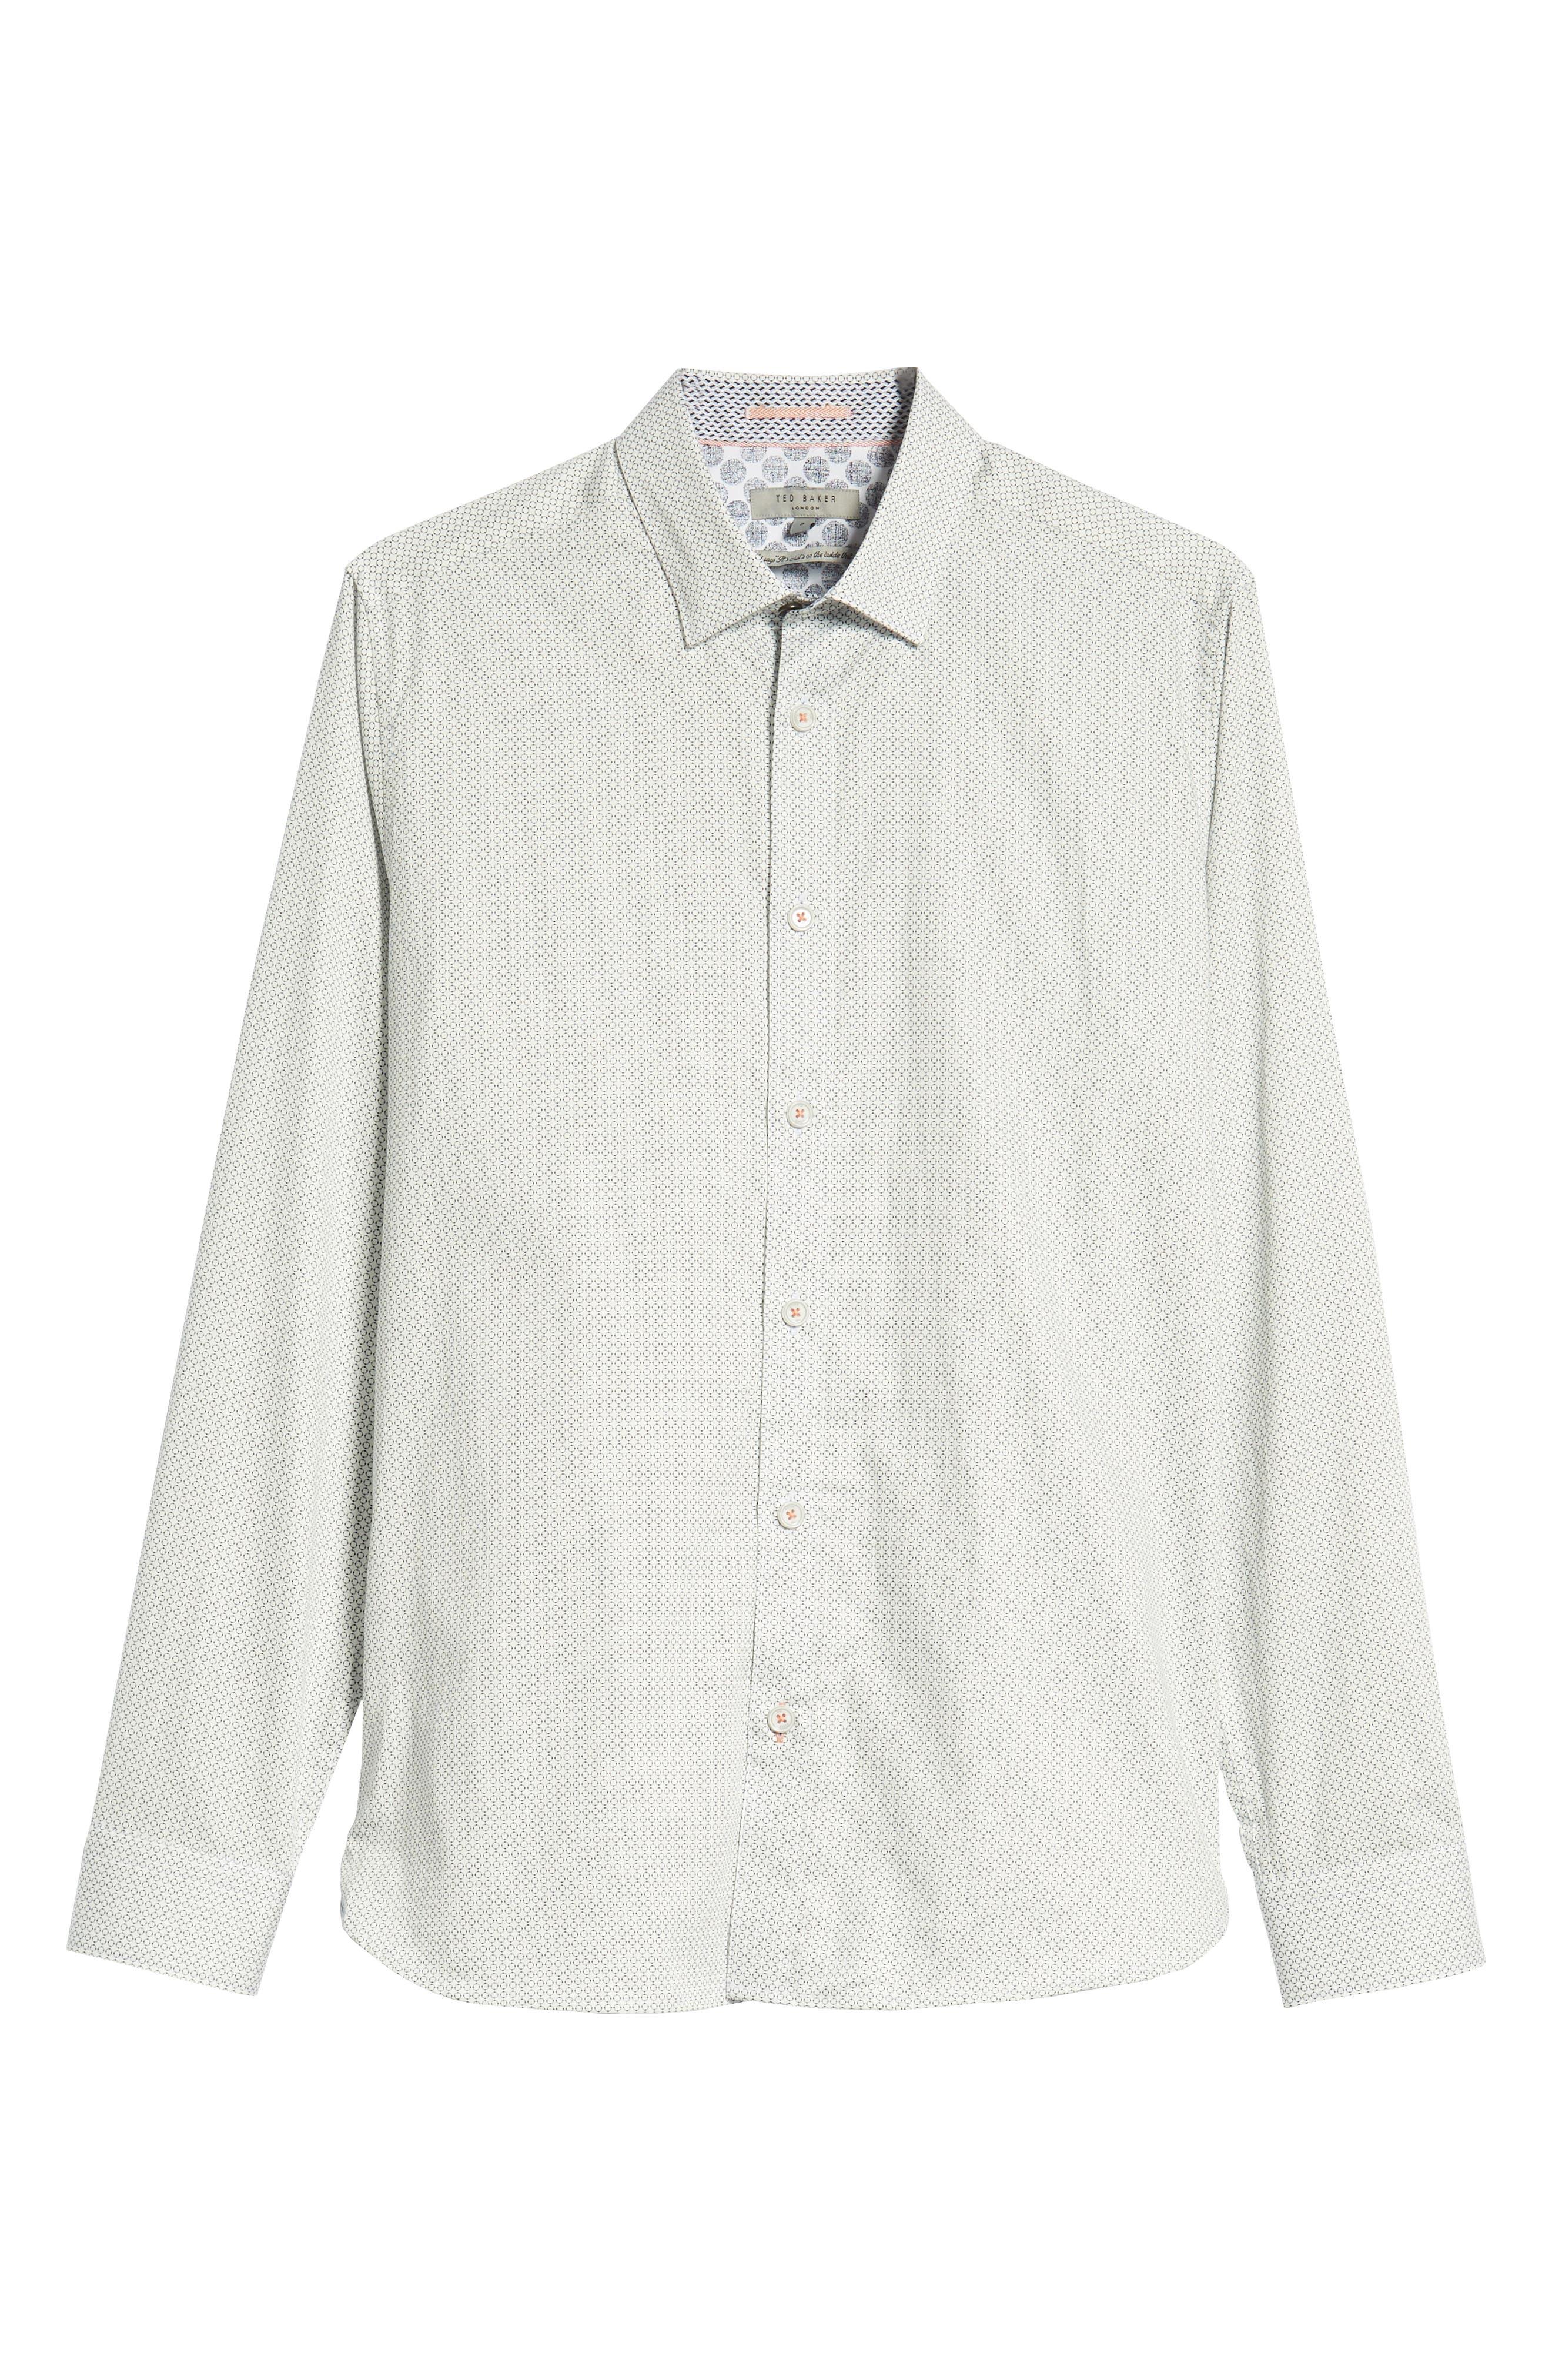 Jenkins Slim Fit Geometric Sport Shirt,                             Alternate thumbnail 5, color,                             WHITE